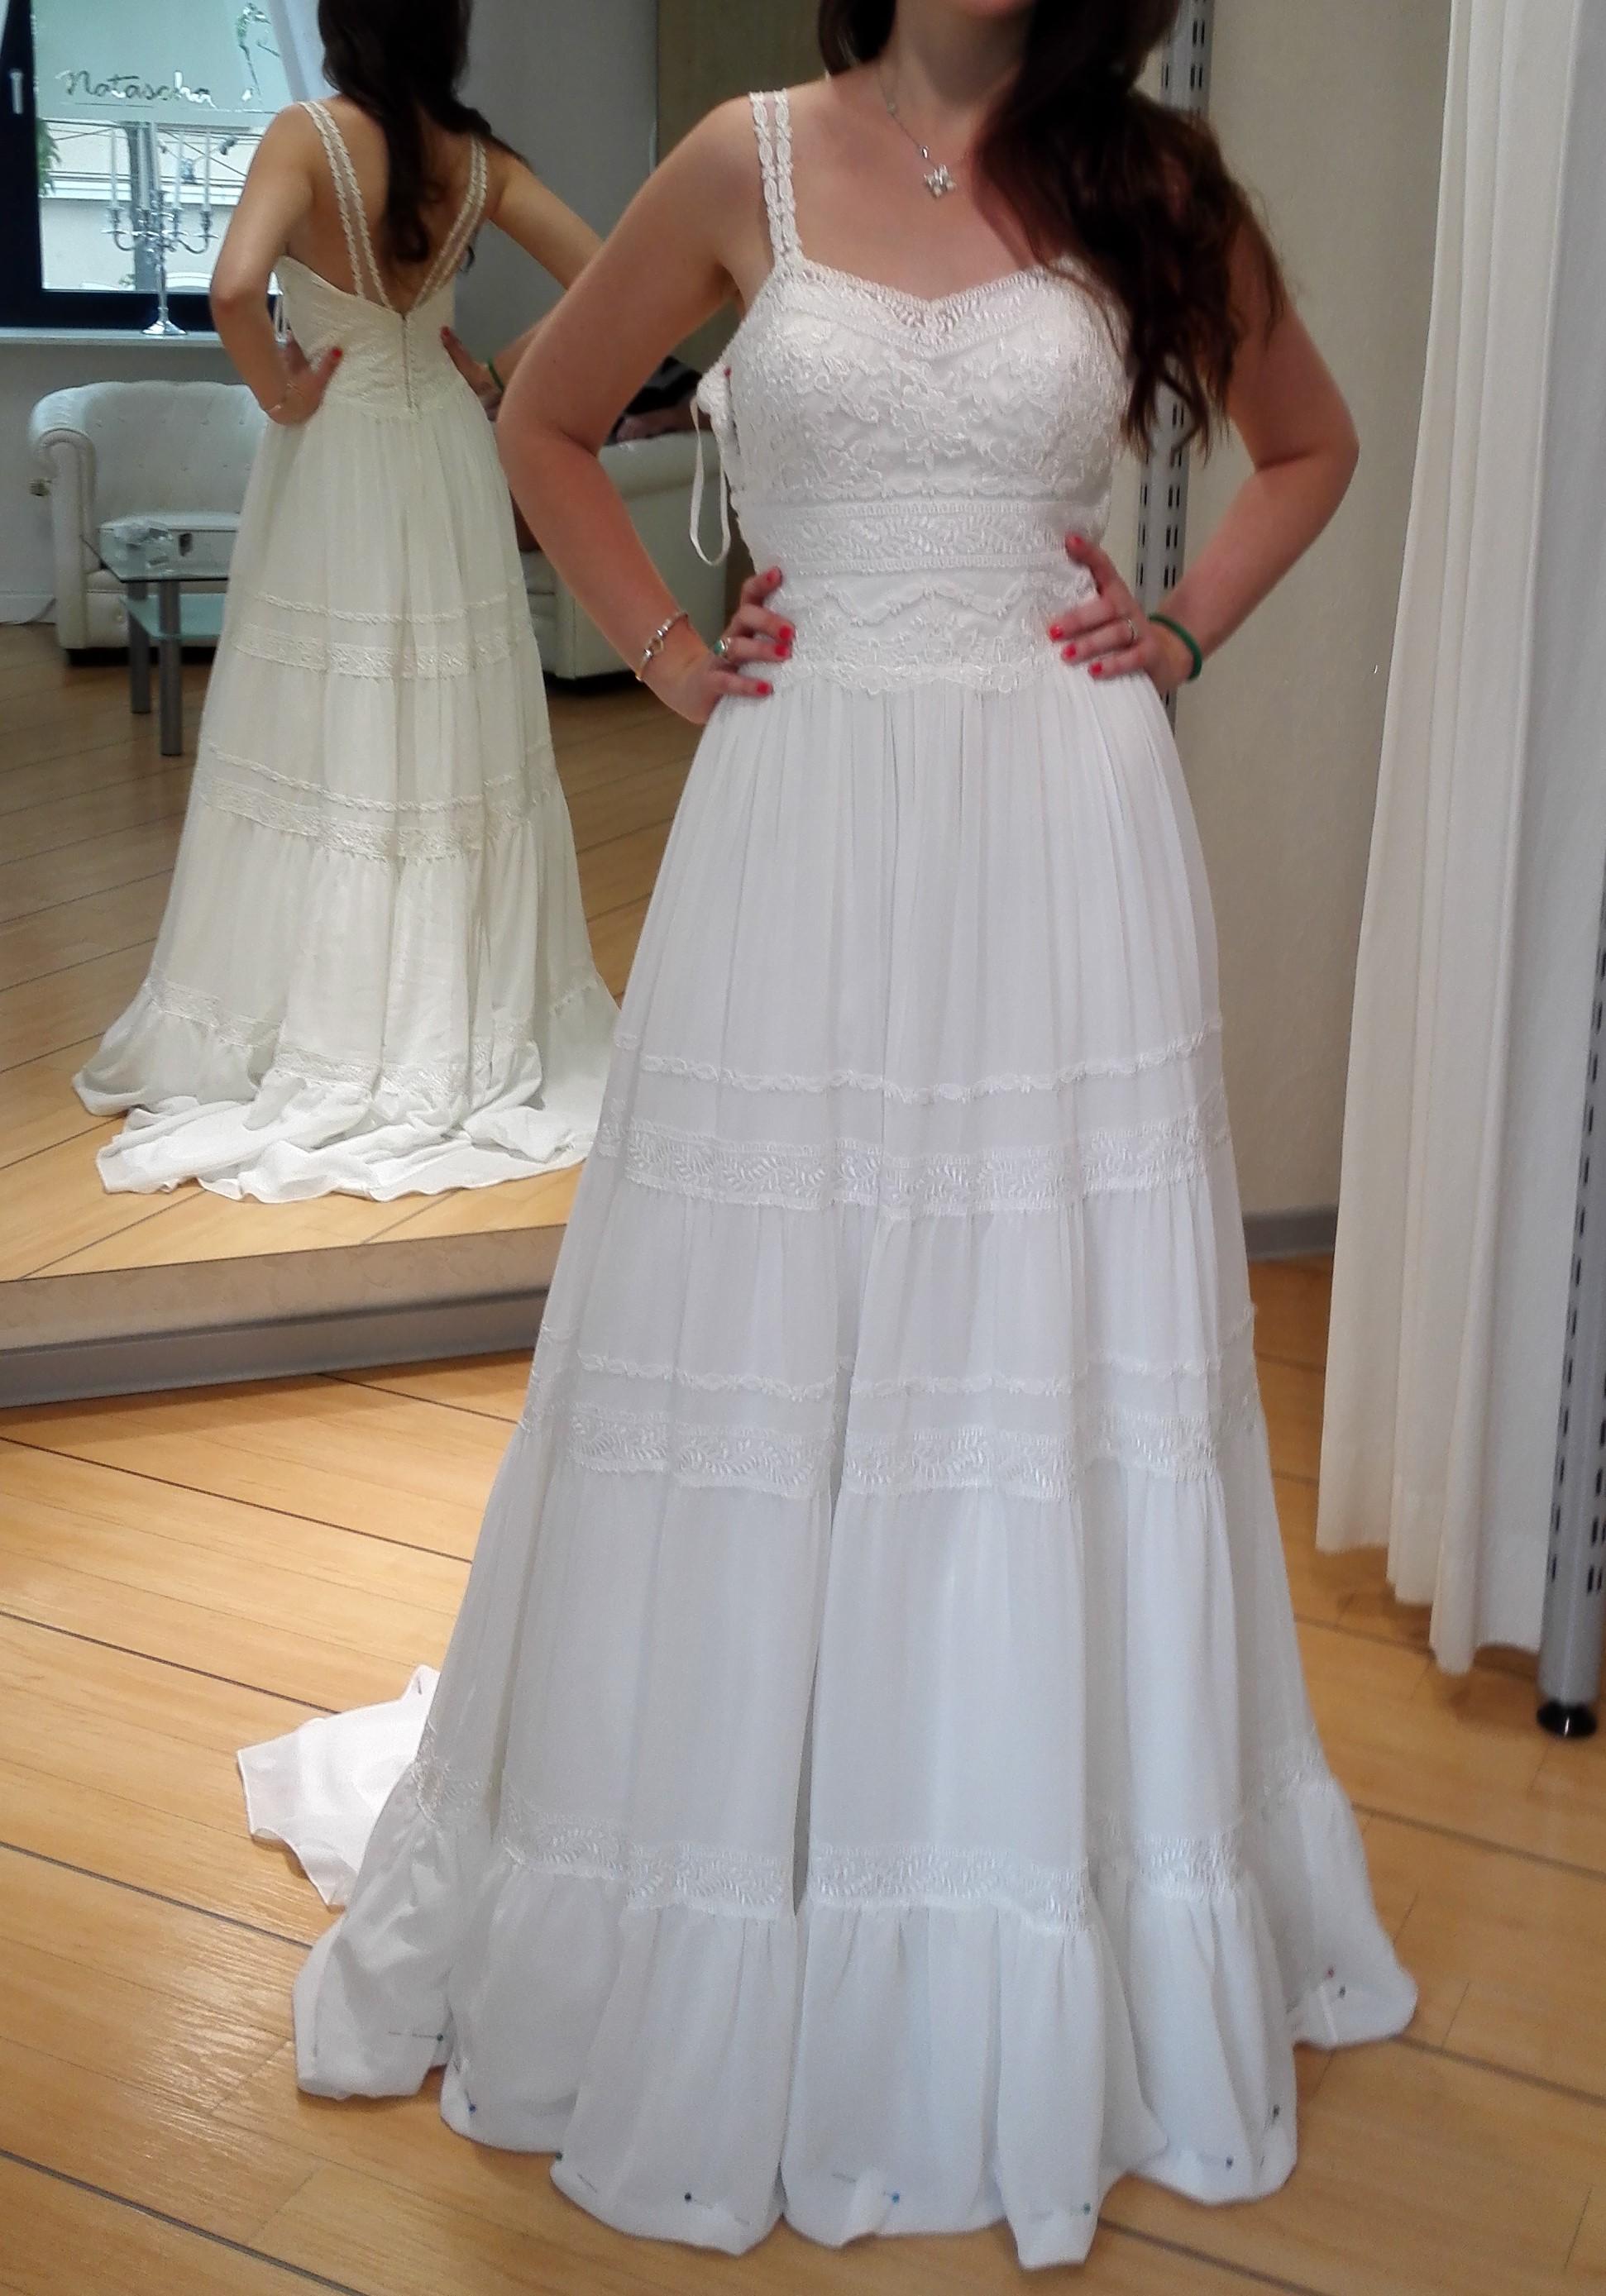 Hochzeitskleid im Vintage Stil von Lillian West | Brautkleid Verkaufen